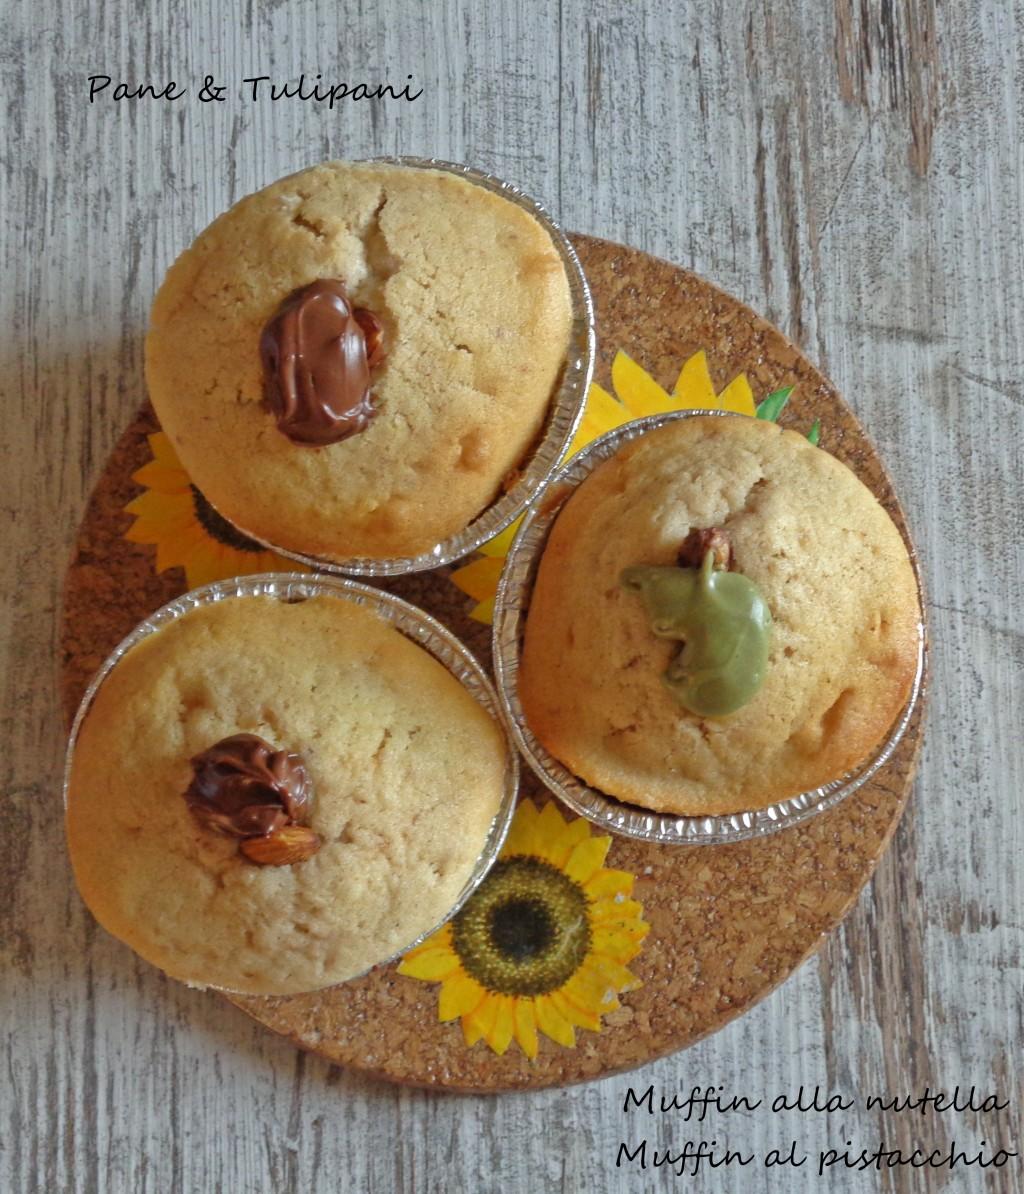 muffin alla nutella-muffin al pistacchio